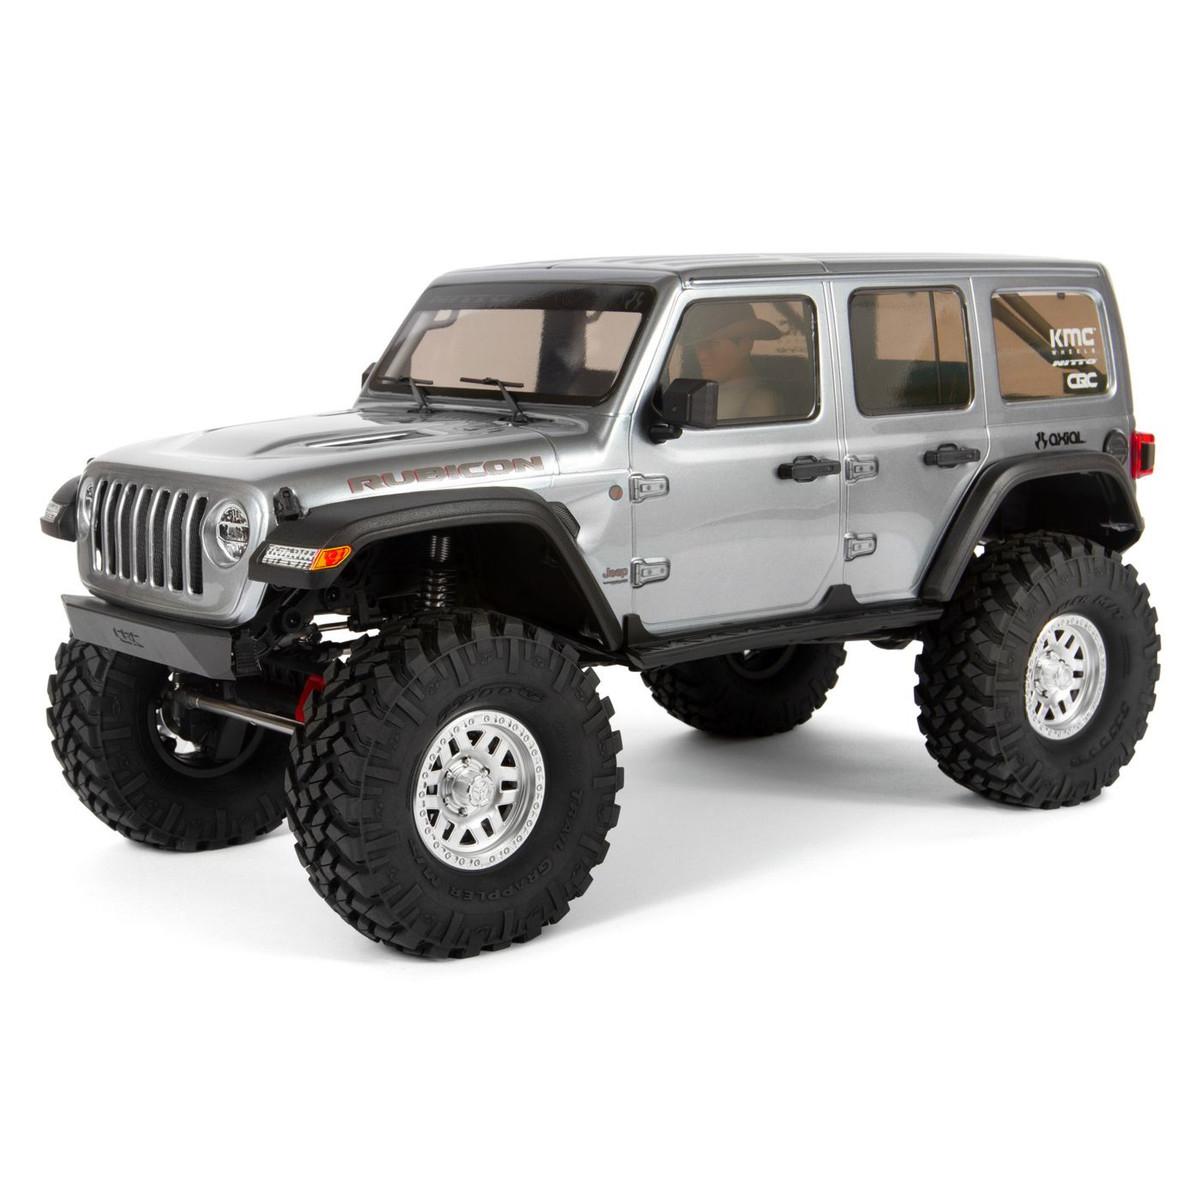 Axial AXI03007 SCX10 III Jeep JL Wrangler with Portals 4WD 1:10 Bausatz